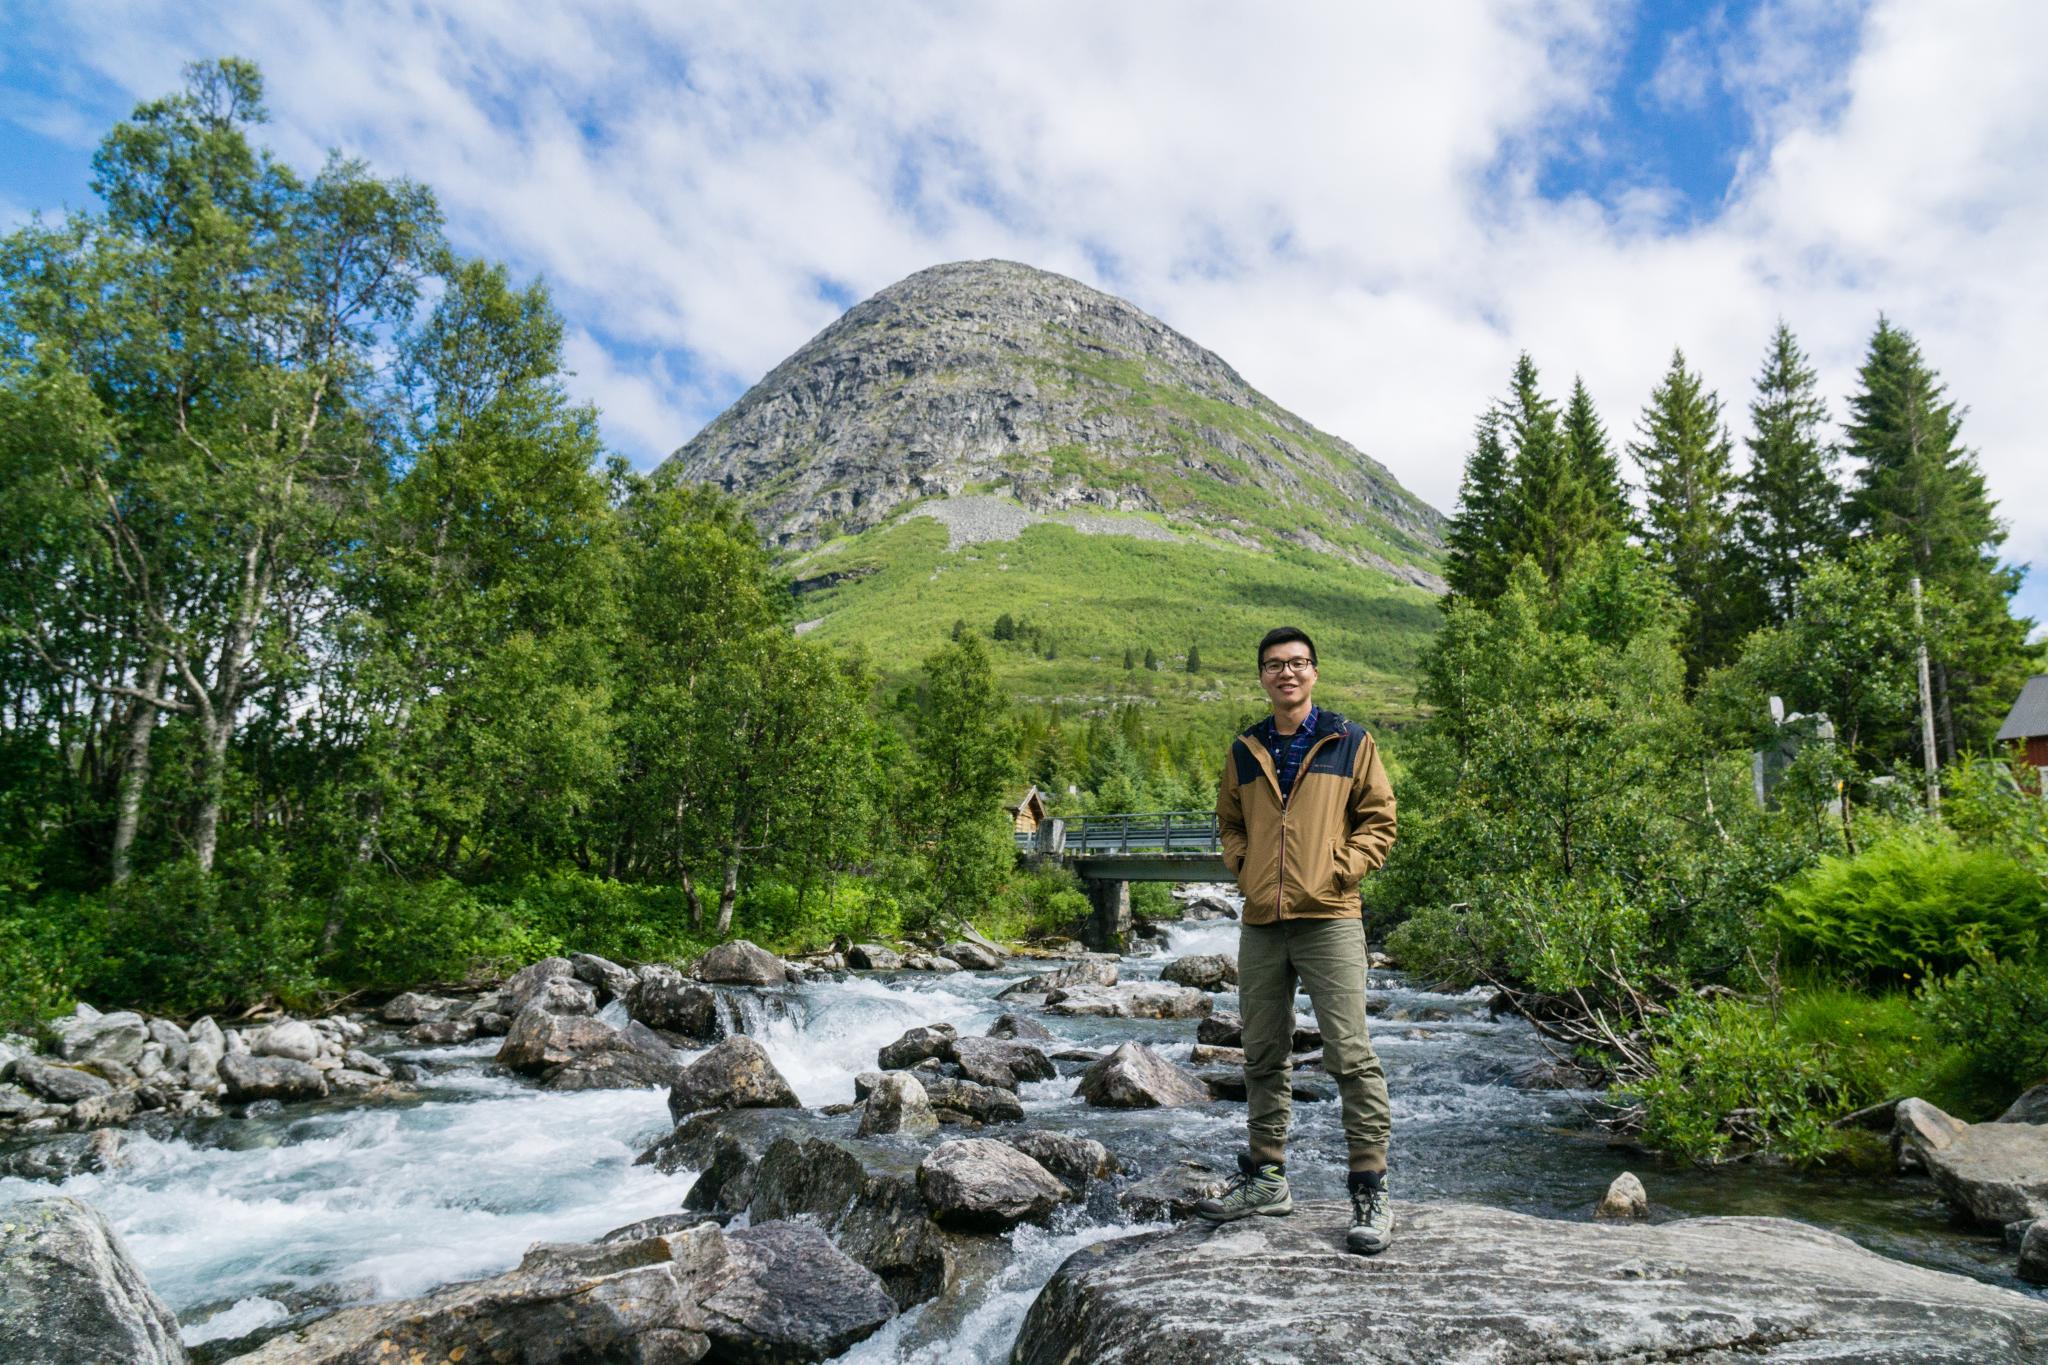 【北歐景點】Trollstigen 精靈之路 ∣ 挪威最驚險的世界級景觀公路 31